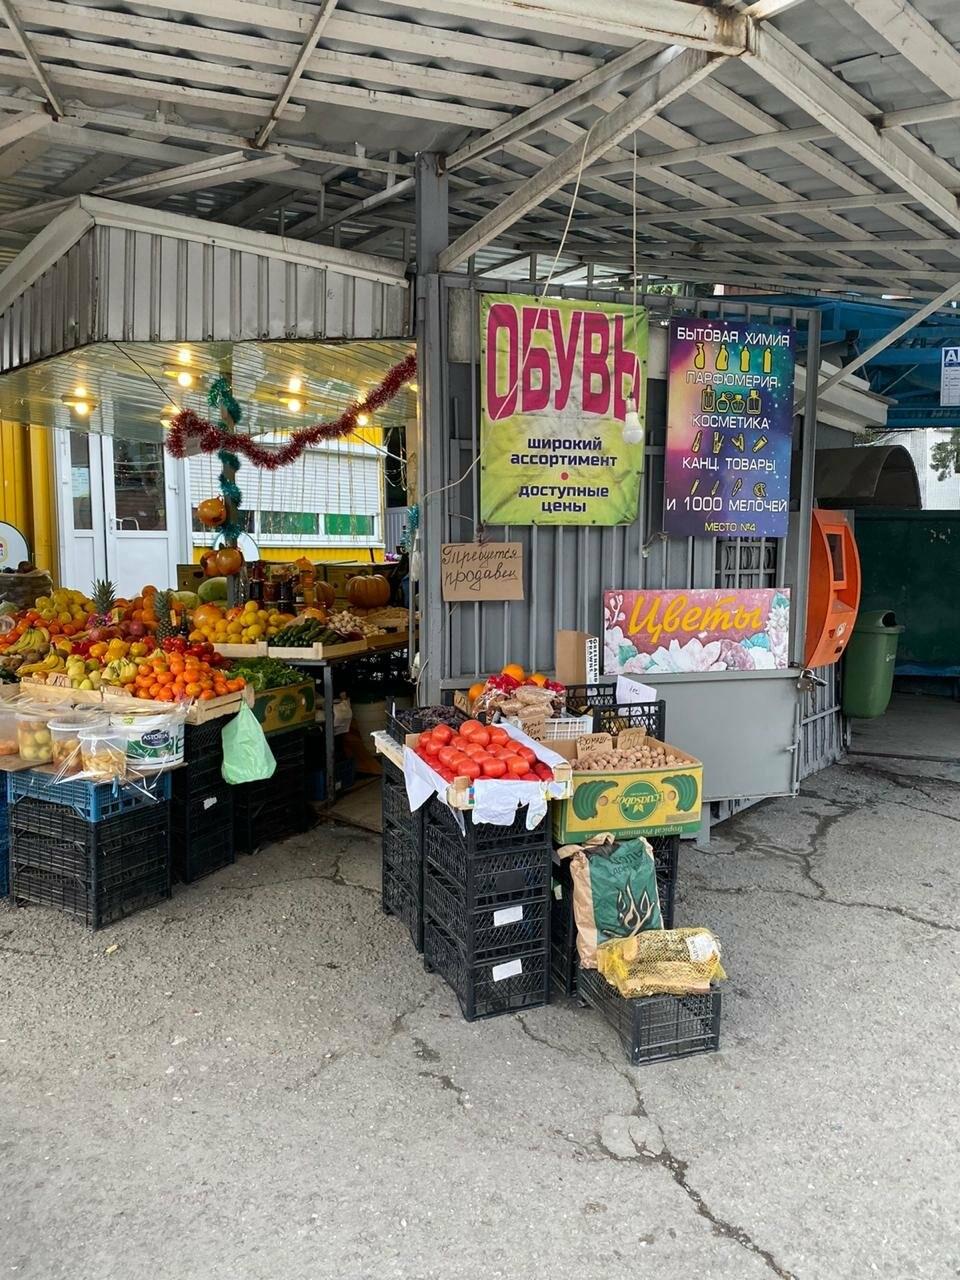 В этом году власти Ялты возьмутся за реконструкцию и санитарный порядок на городских рынках, фото-3